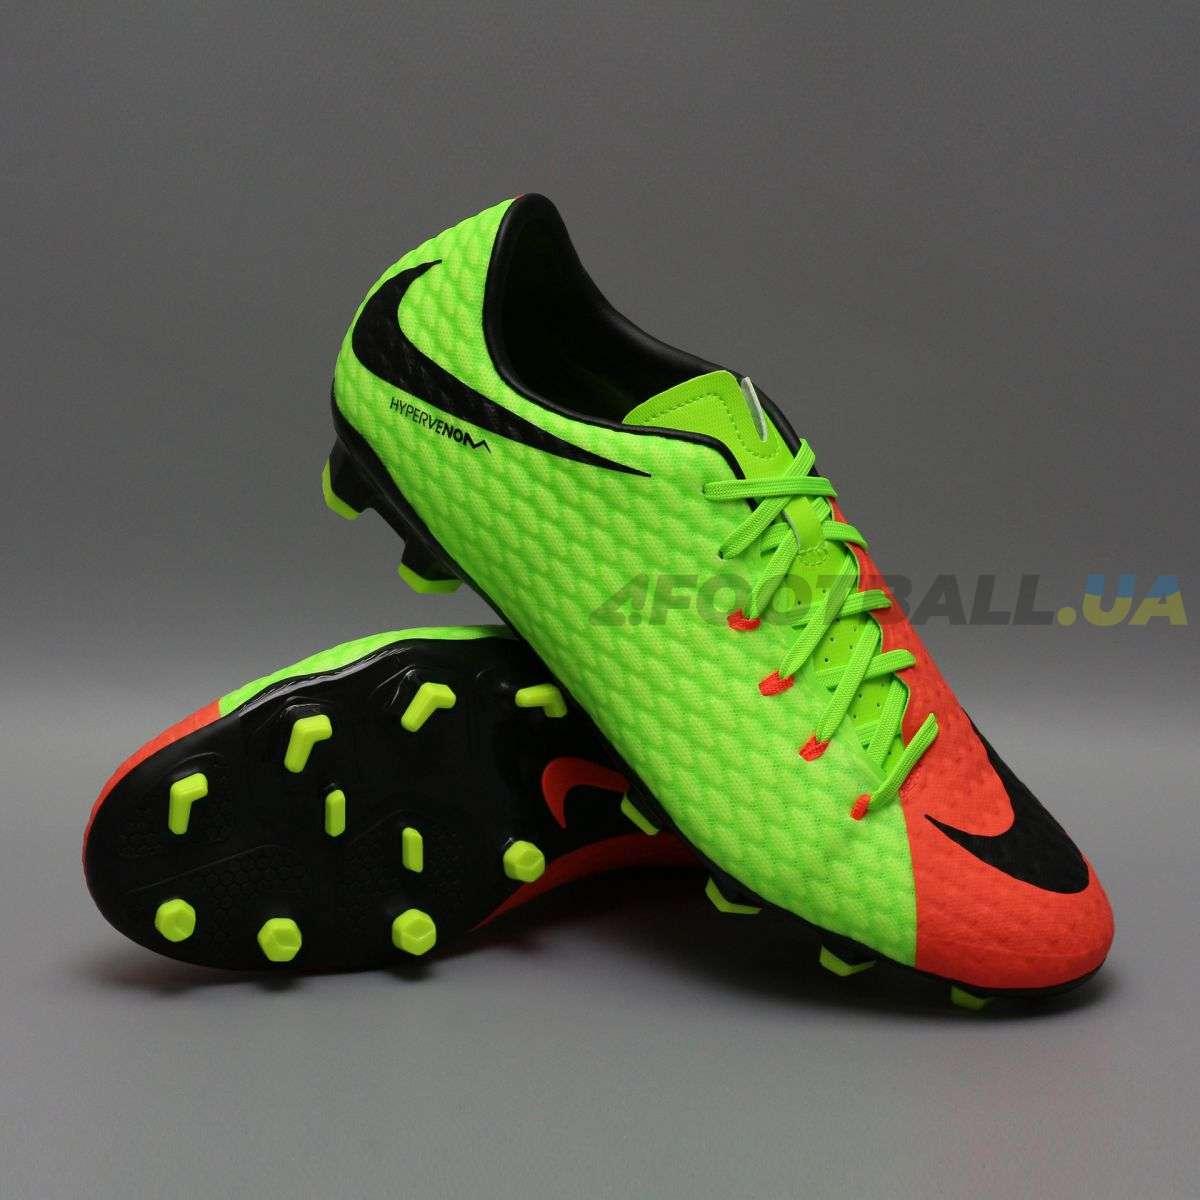 🥇 Купить футбольные бутсы Nike HyperVenom Найк Гипервеном   Цена ... 0099022a1f2